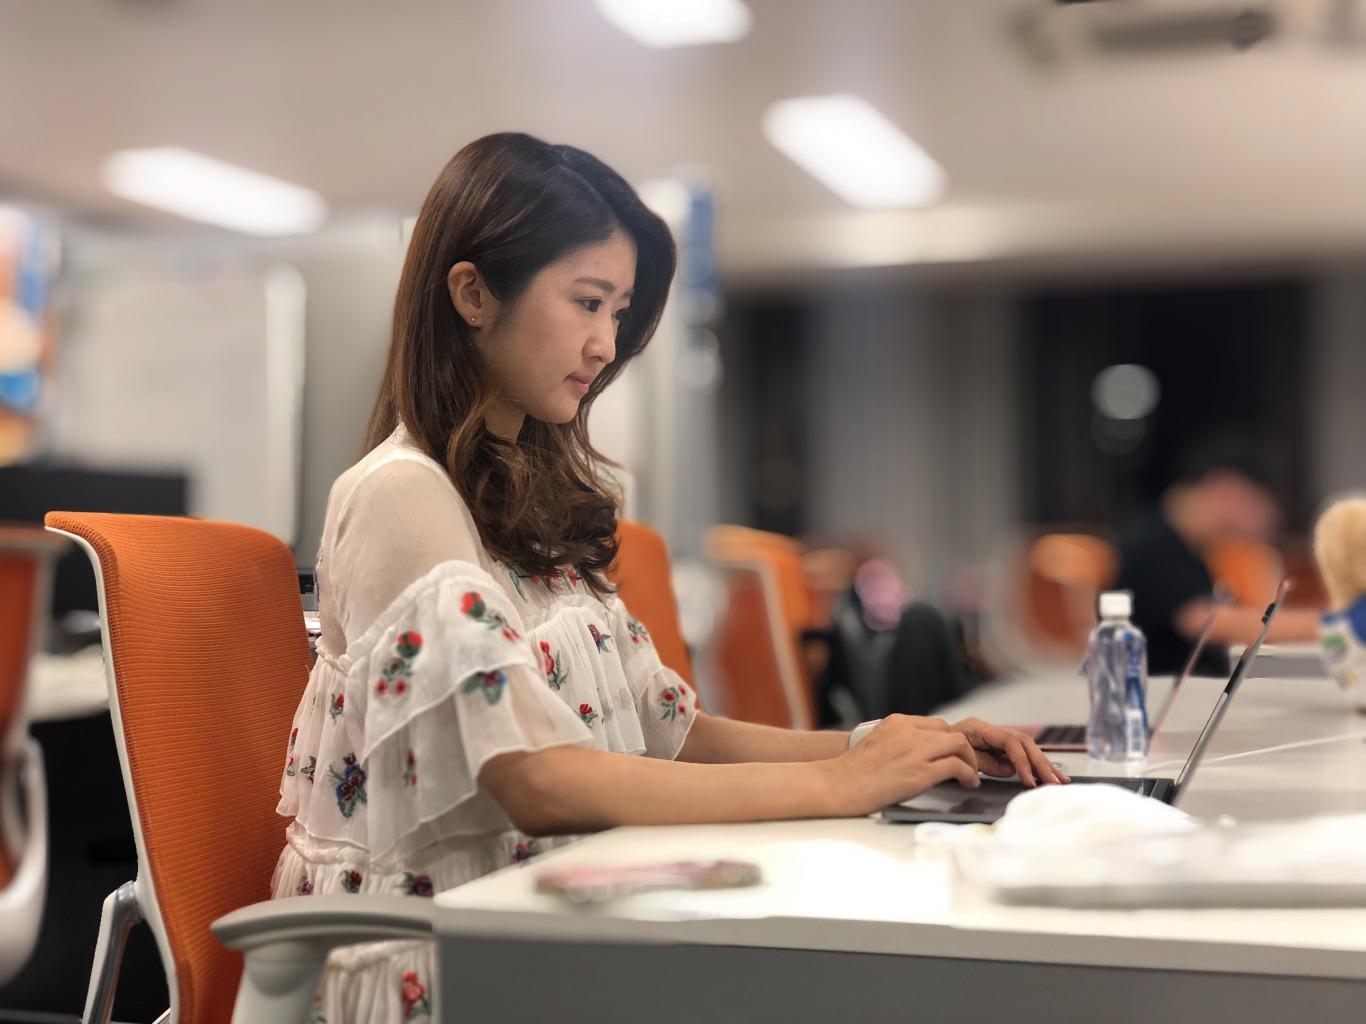 【学生向け】就活に役立つビジネススキルが身につく!実践インターン!